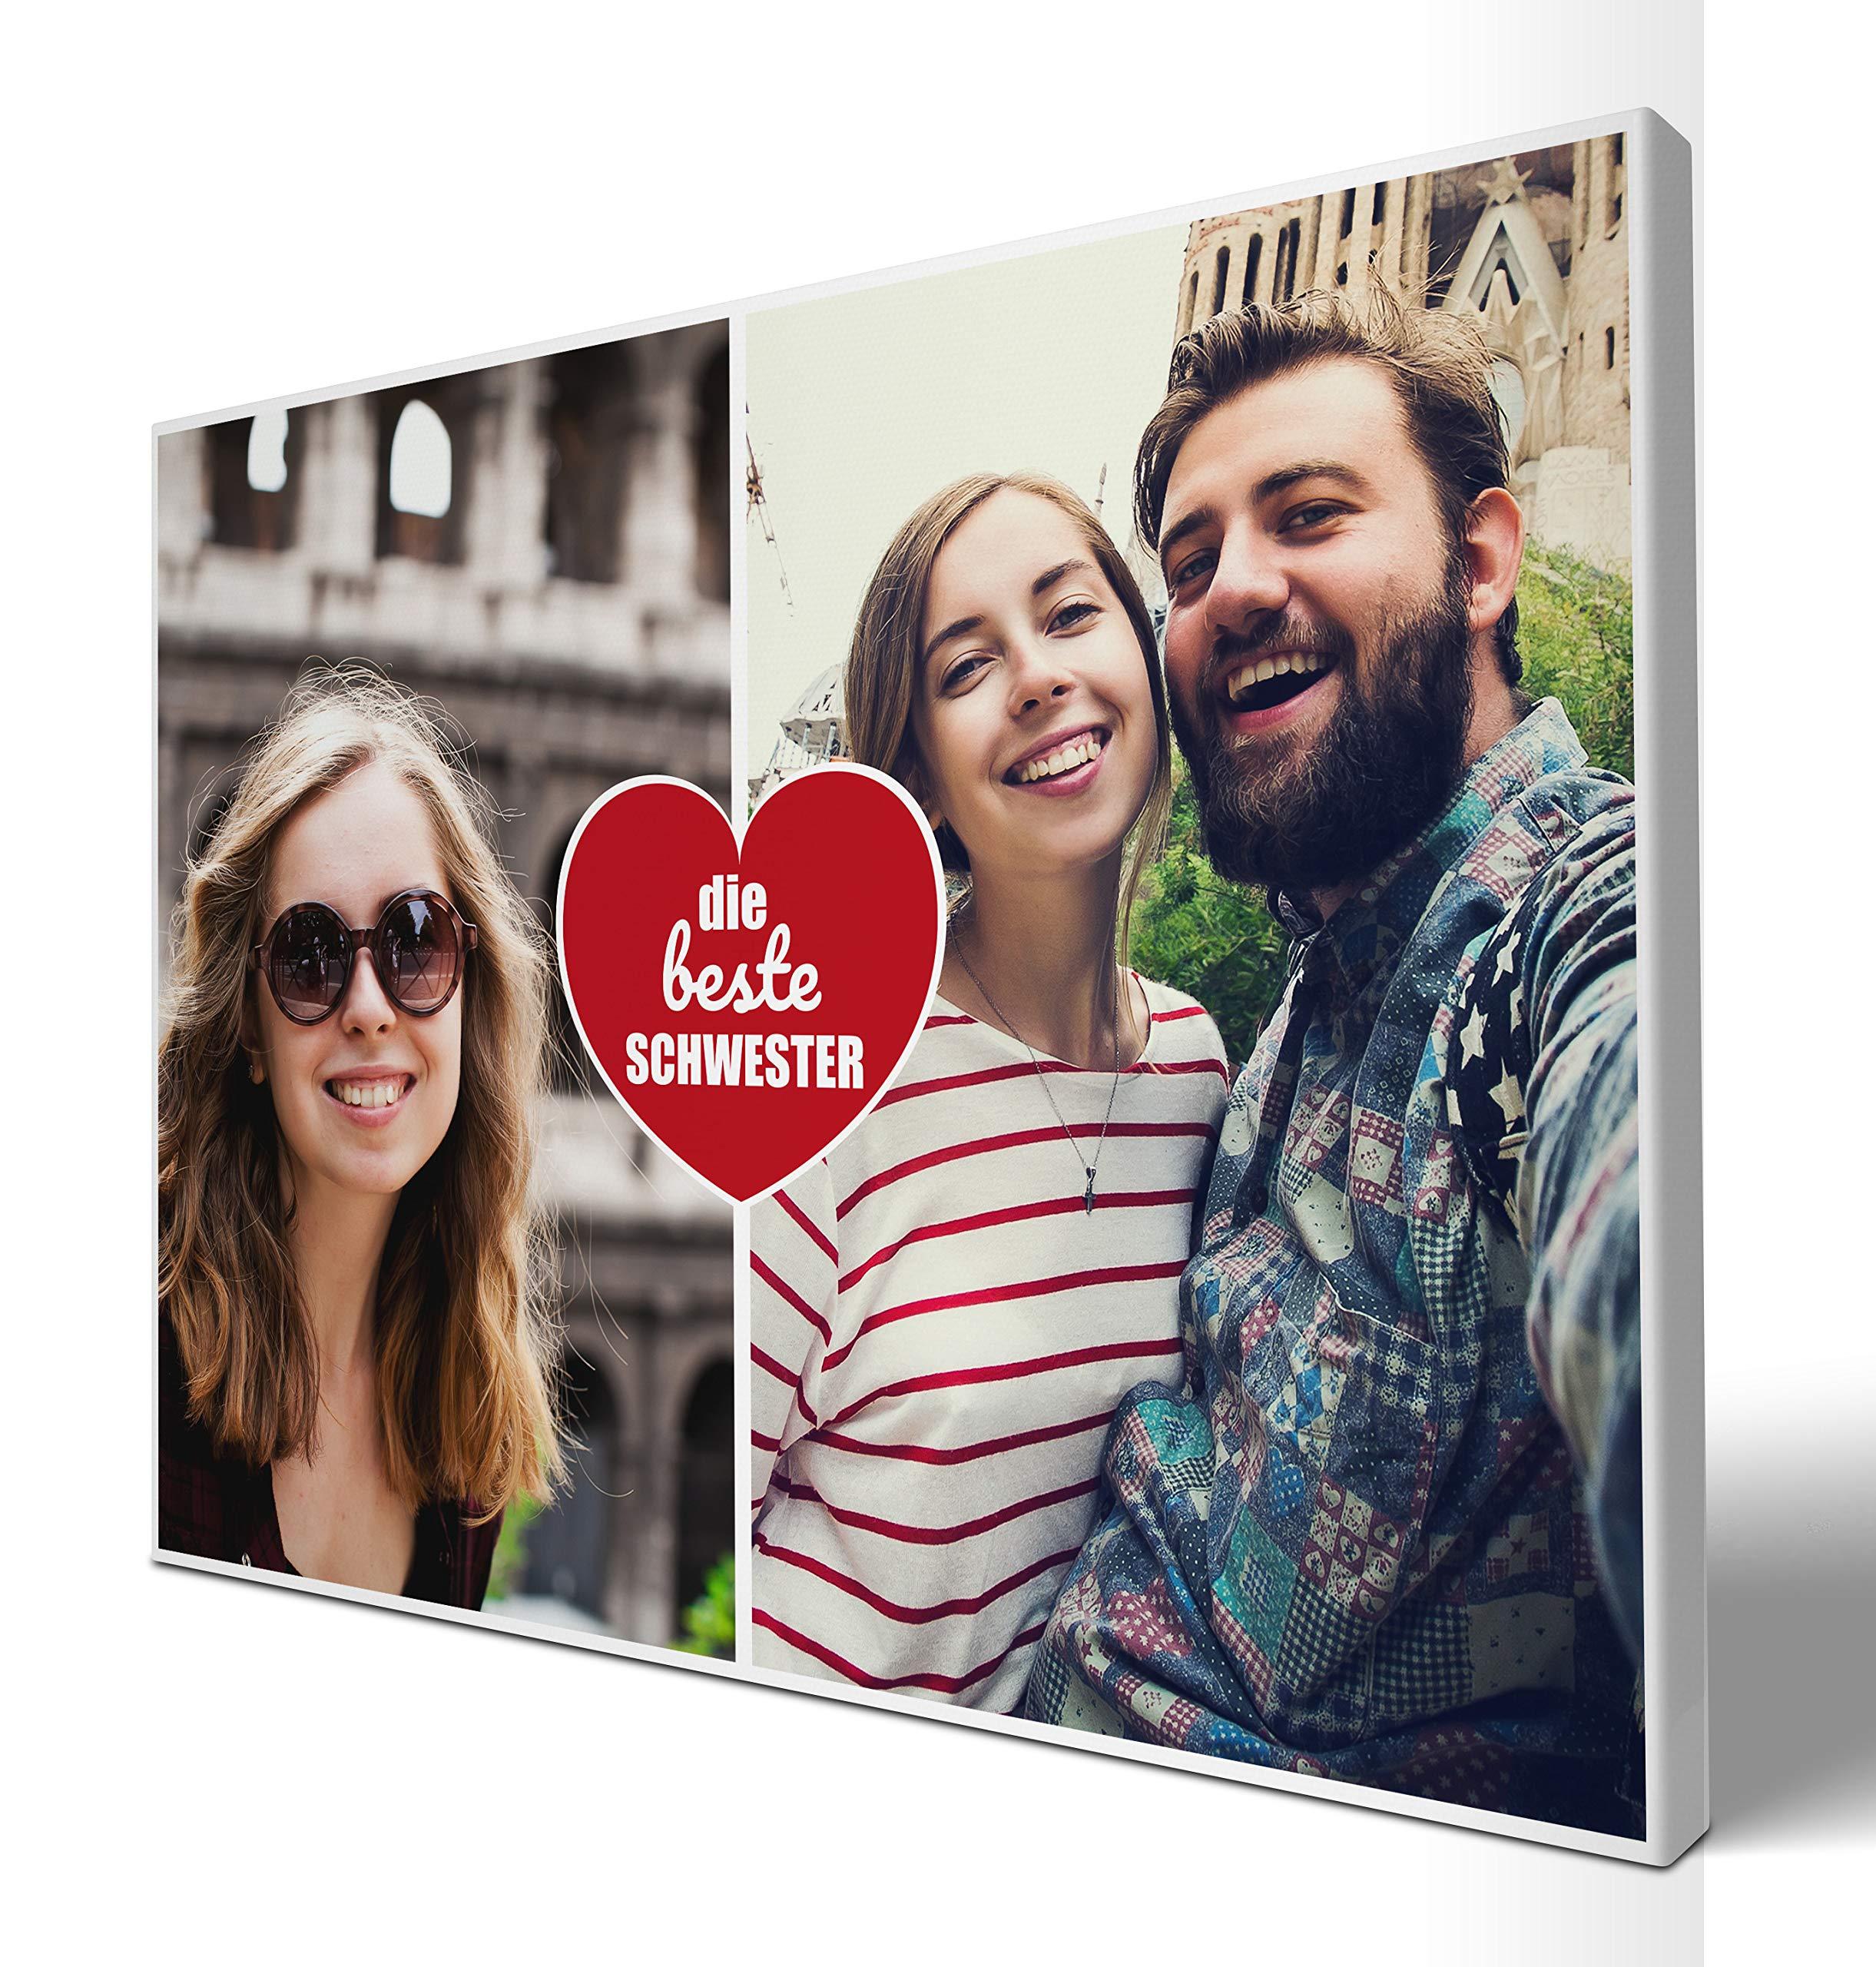 wandmotiv24 Leinwandbild Beste Schwester, querformat 80x60cm (BxH), Collage 2 Fotos, Geschenkidee für Frauen, Ihre Bilder auf Leinwand, originelle Geschenke für Schwestern Dankeschön M0023 Bild